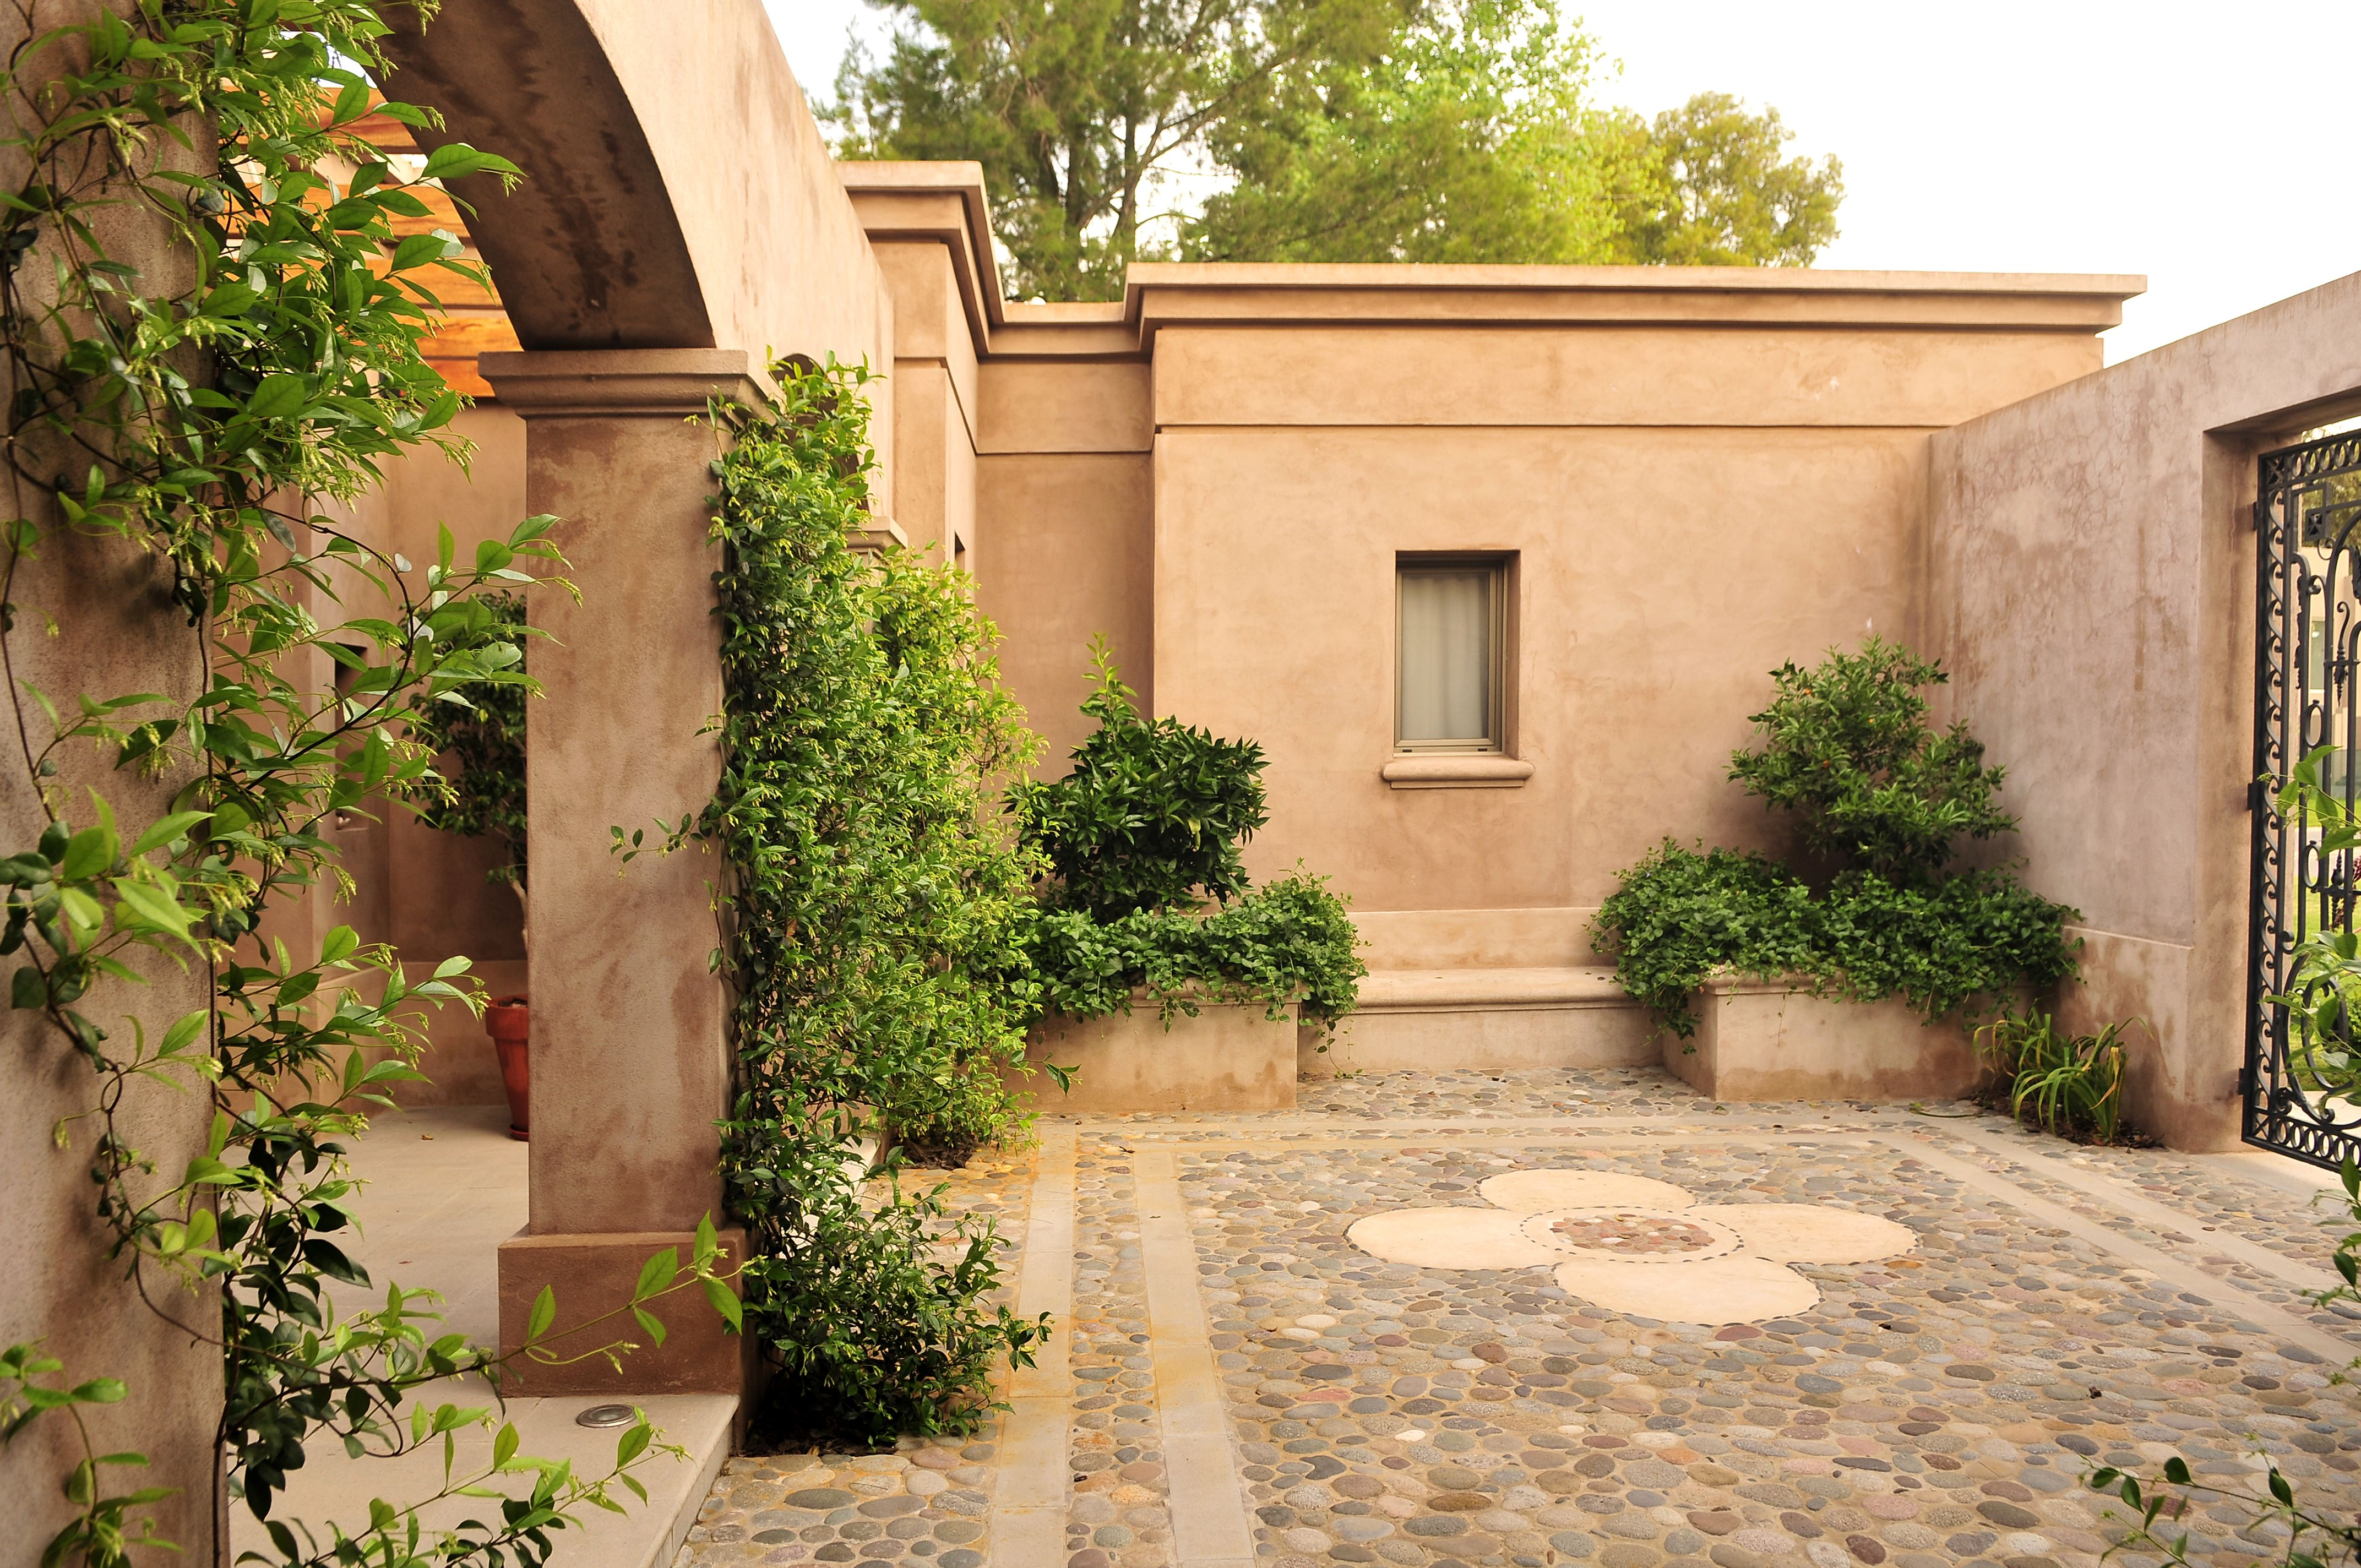 Arquitectura paisajismo ricardo pereyra iraola for Paisajismo patios